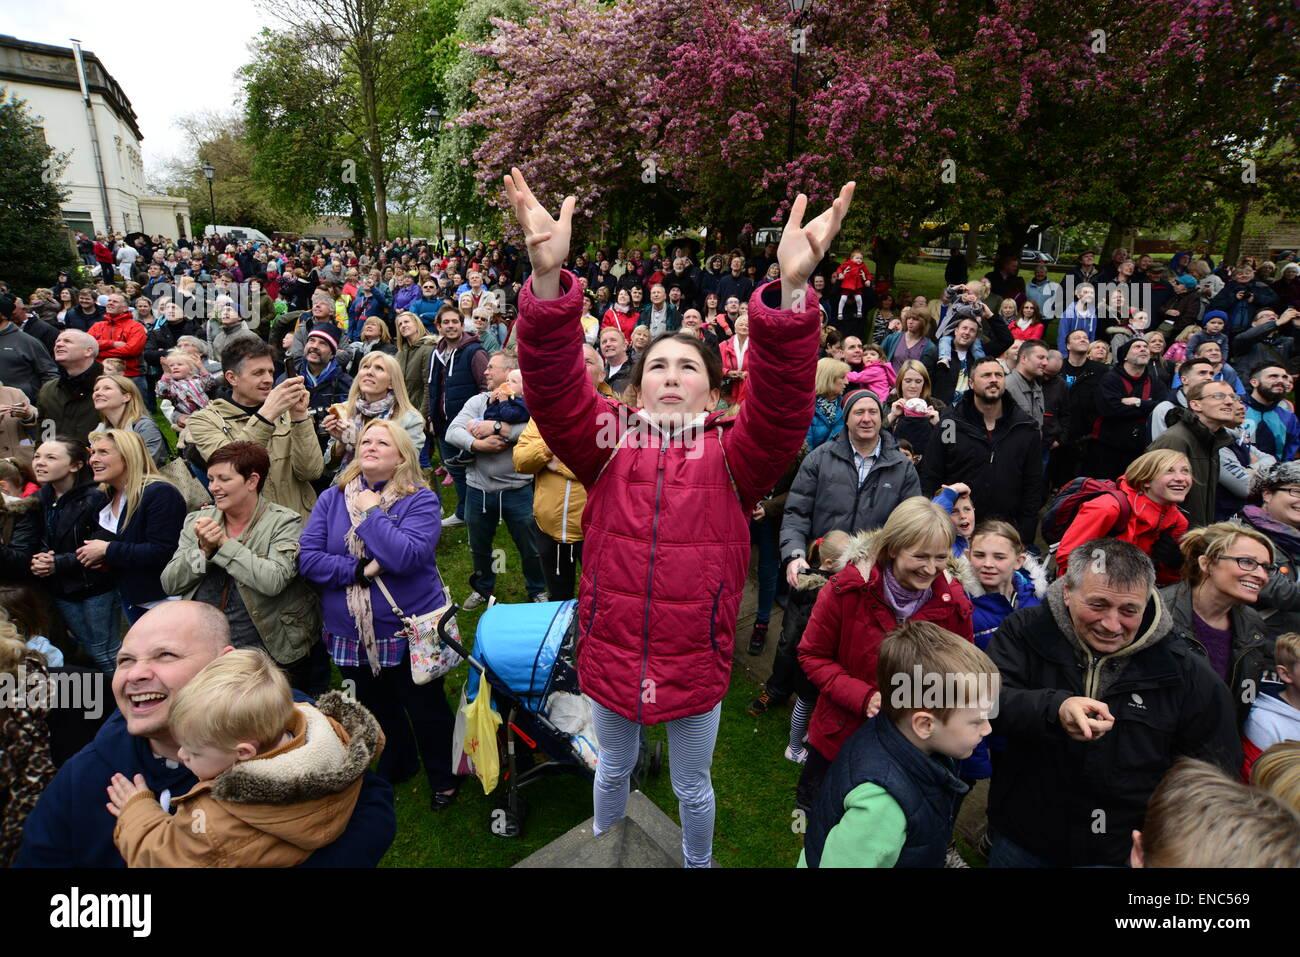 Rotherham, Regno Unito. Il 2 maggio 2015. Una giovane ragazza sperando di prendere un pezzo di pane che è gettato dalla torre della chiesa a Wath Tutti i Santi Chiesa Parrocchiale vicino a Rotherham, South Yorkshire. Un centinaio di pane bun sono gettati alla folla in attesa di seguito come parte dell'annuale Festival di Wath. Immagine: Scott Bairstow/Alamy Foto Stock